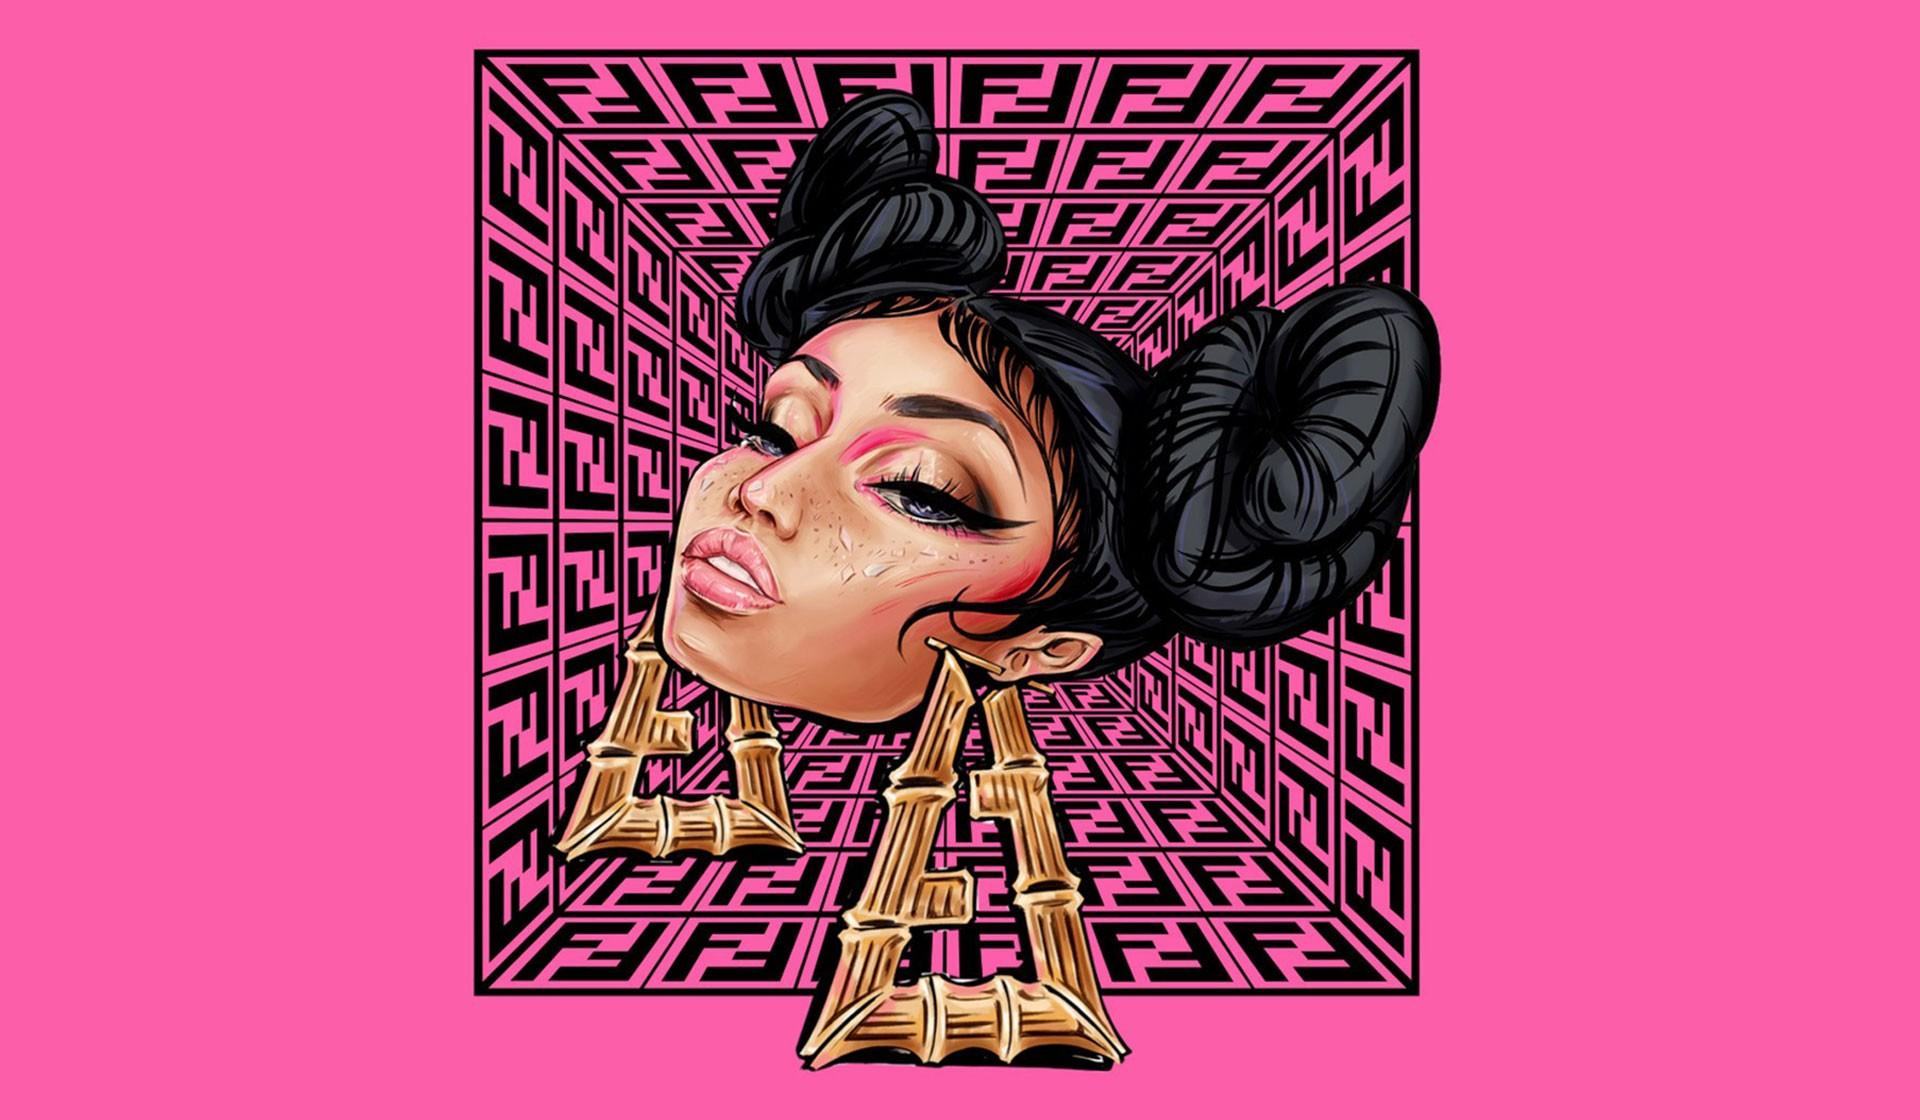 Fendi X Nicki Minaj Collection Drops Today